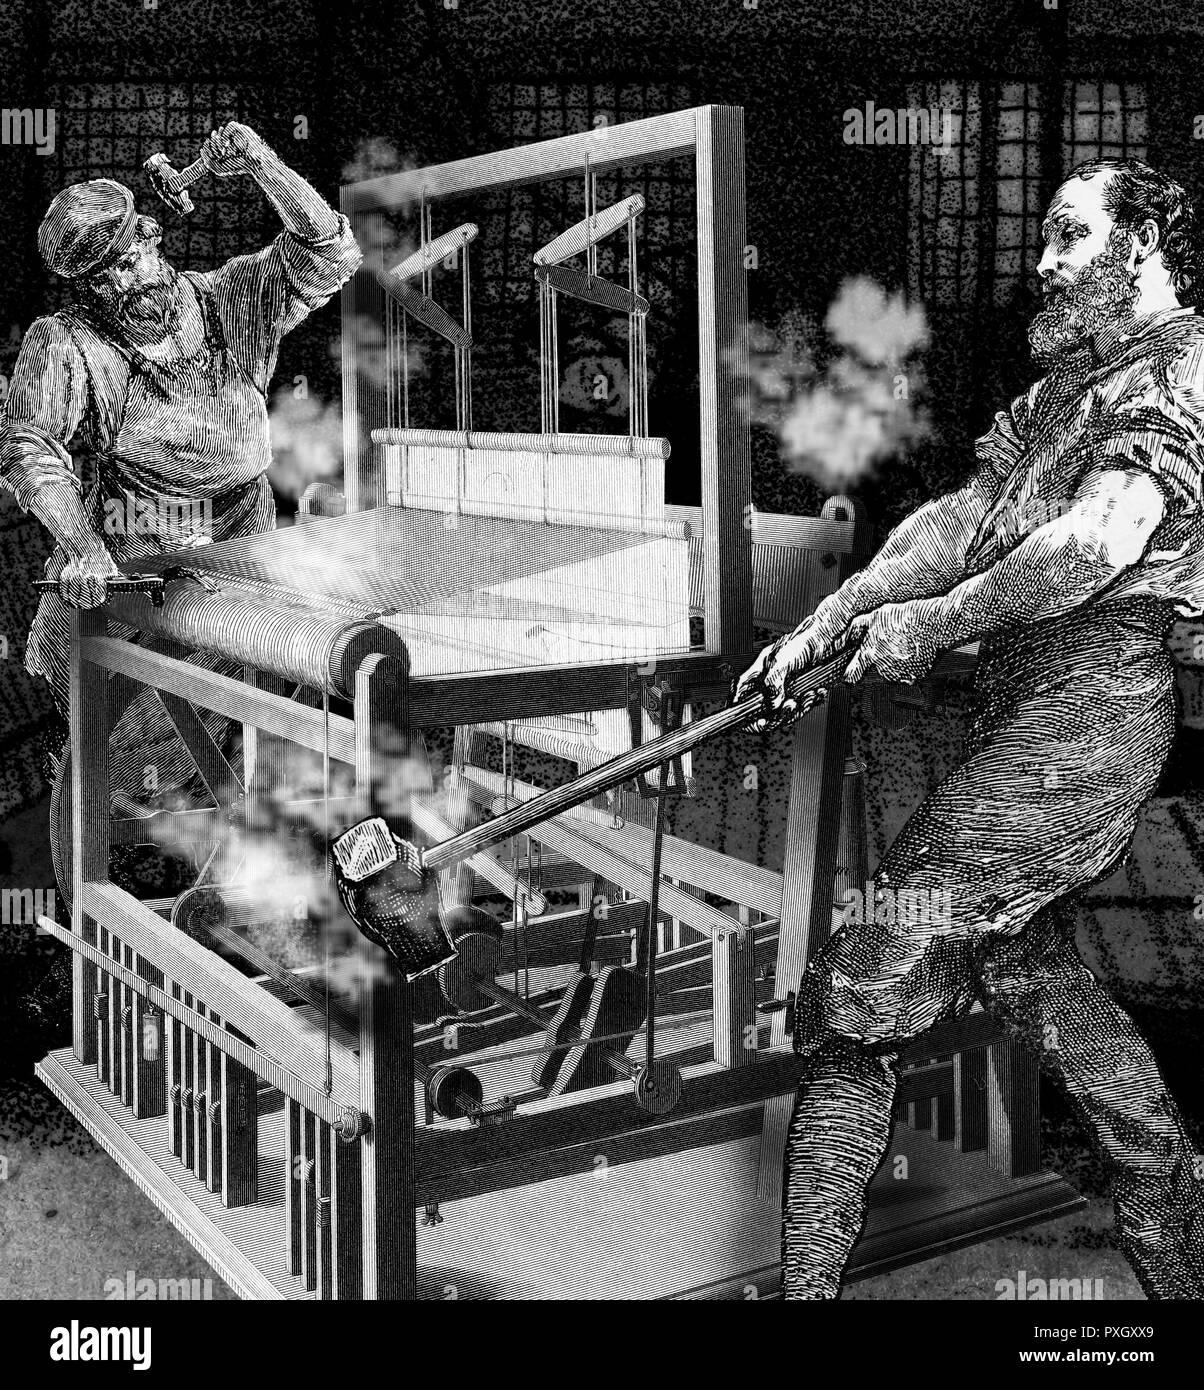 """Retrógrados smash tejer máquinas en una fábrica textil de Nottingham. Los retrógrados fueron un movimiento de grupo radical de los trabajadores textiles ingleses y tejedores a principios del siglo XIX que destruyó la maquinaria de tejer como una forma de protesta. El grupo estaba protestando por el uso de maquinaria en una manera """"fraudulenta y mentirosa"""" para conseguir alrededor de las prácticas de trabajo estándar. El Grupo teme el tiempo dedicado al aprendizaje de las habilidades de su oficio iría a residuos como máquinas que sustituya su papel en la industria. En tiempos más recientes, el término Neo-Luddism ha surgido para describir la oposición a muchas formas de tec Imagen De Stock"""